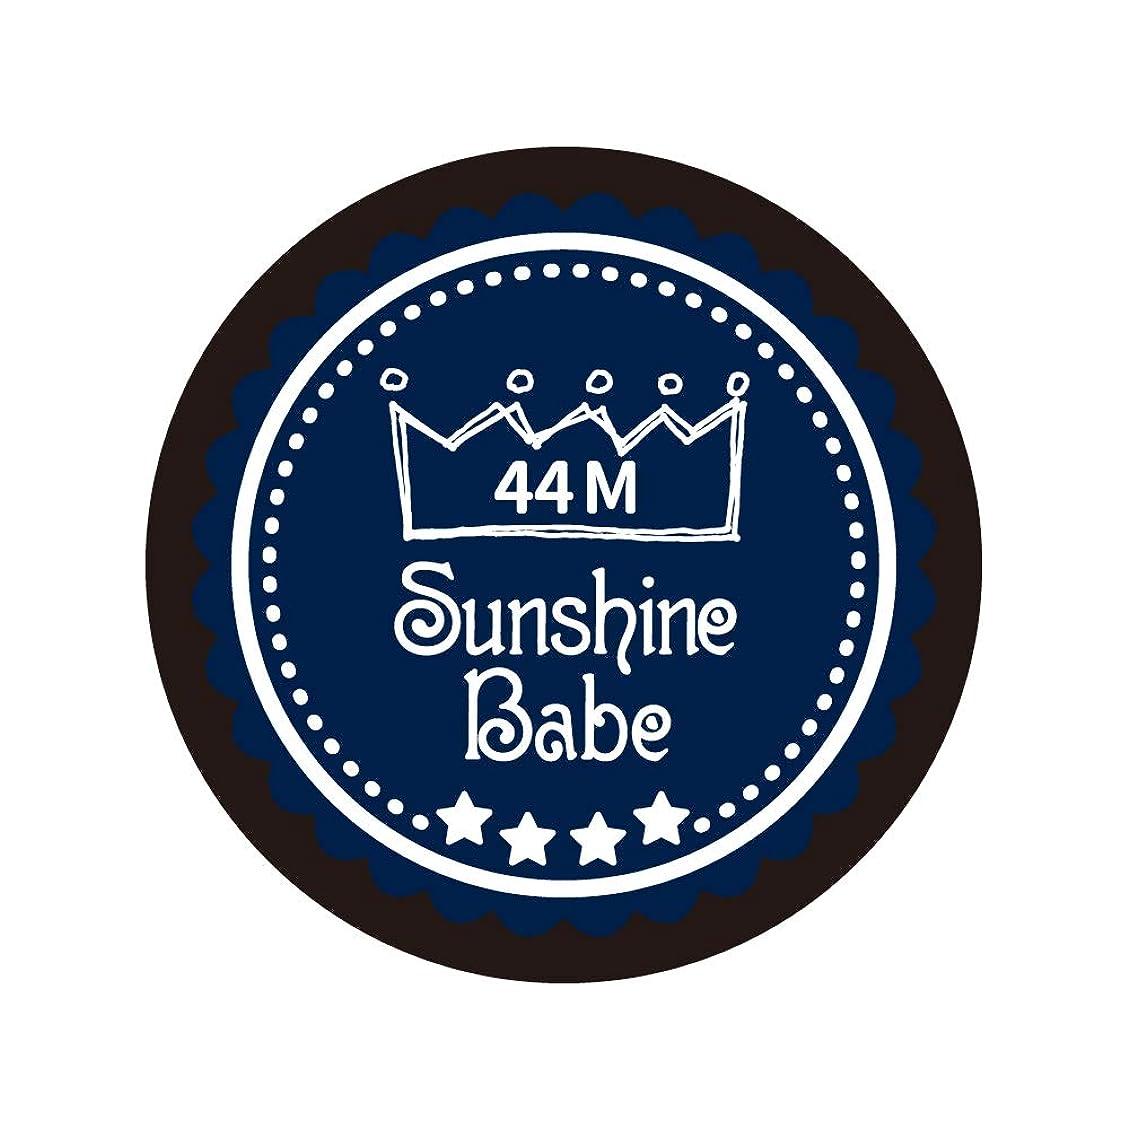 で出来ているコーチ遷移Sunshine Babe カラージェル 44M クラシックネイビー 2.7g UV/LED対応